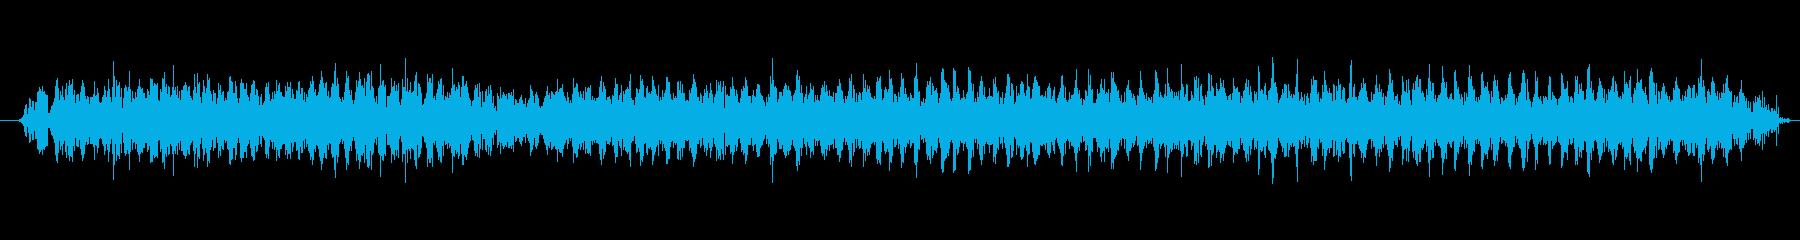 シェーカー ウッドラフラトルファス...の再生済みの波形